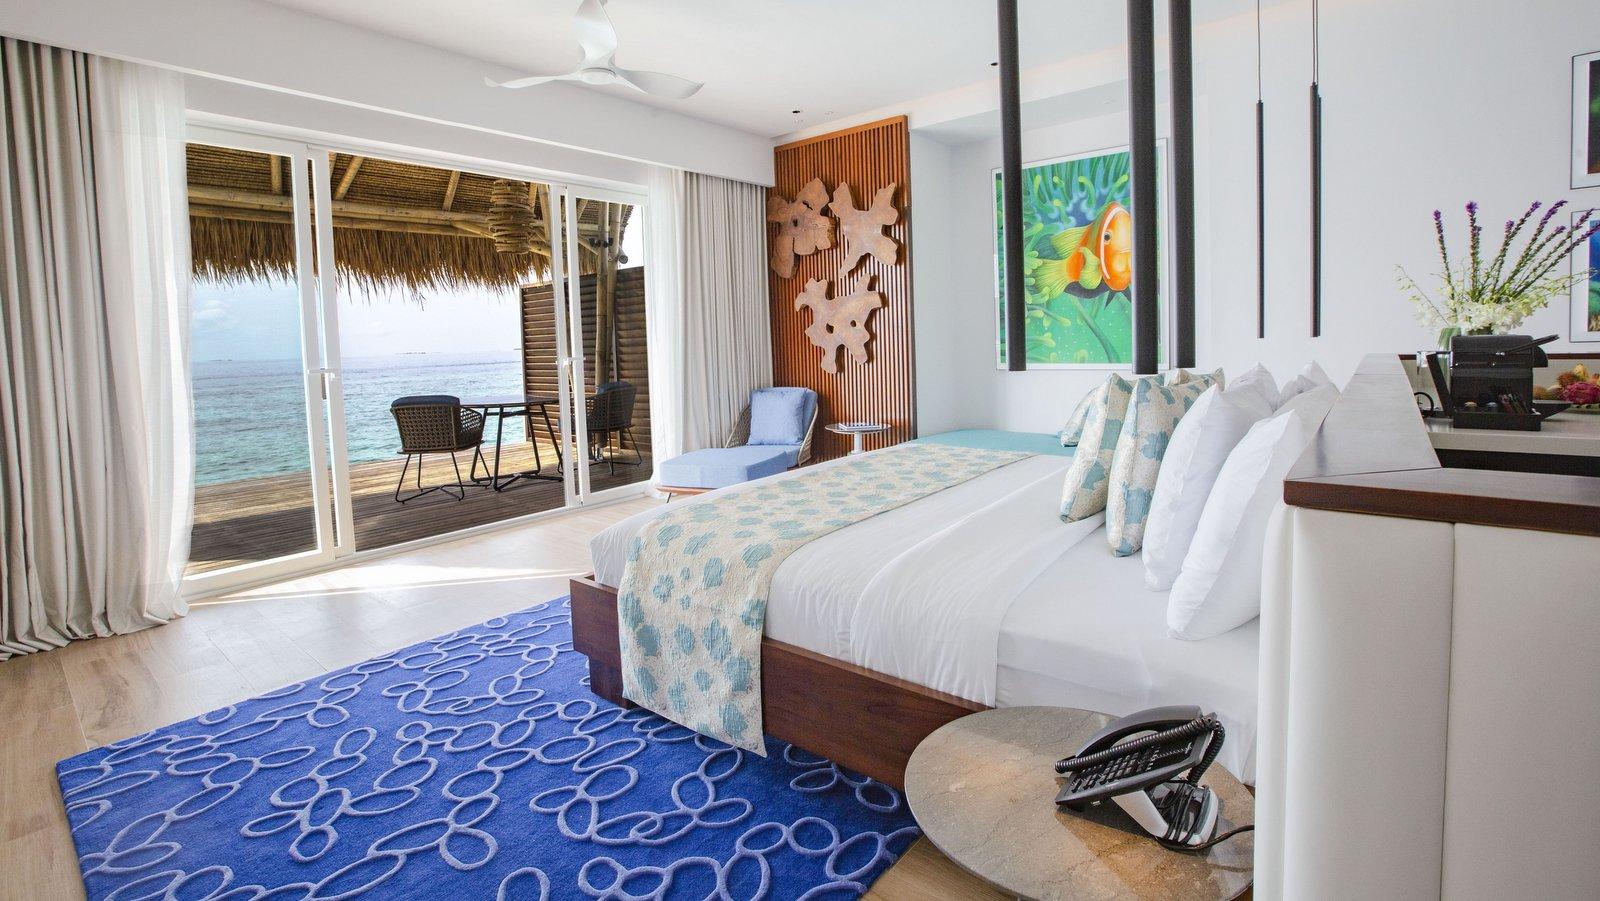 Мальдивы, отель Emerald Maldives Resort & Spa, номер Jacuzzi Water Villa